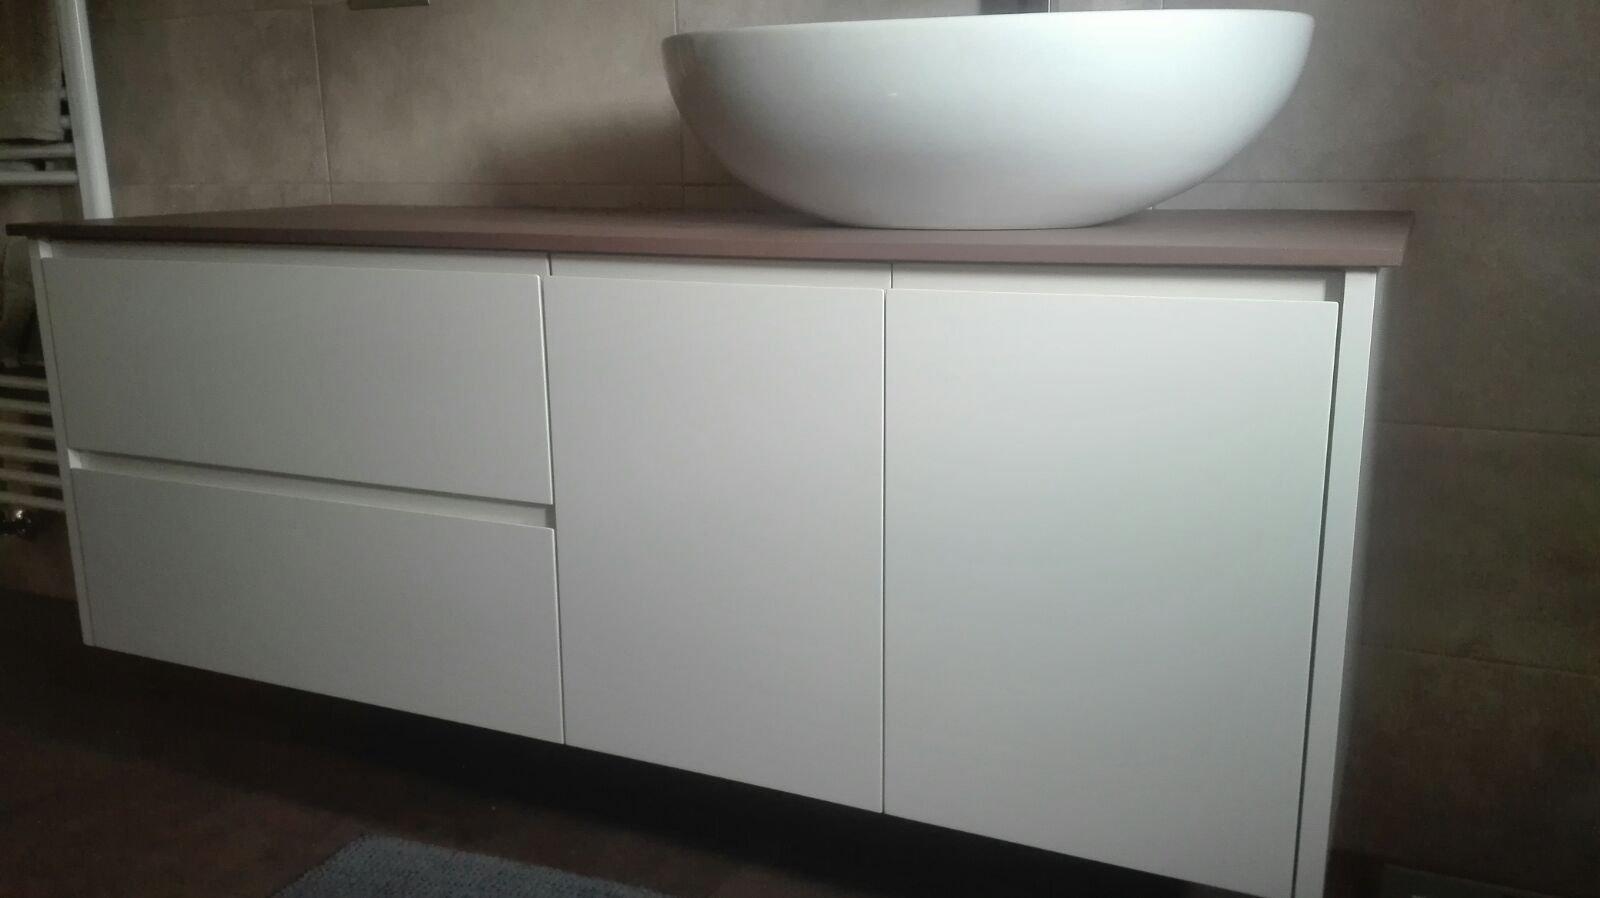 Arredo bagno in legno su misura genova falegnameria for Arredo bagno genova via gramsci